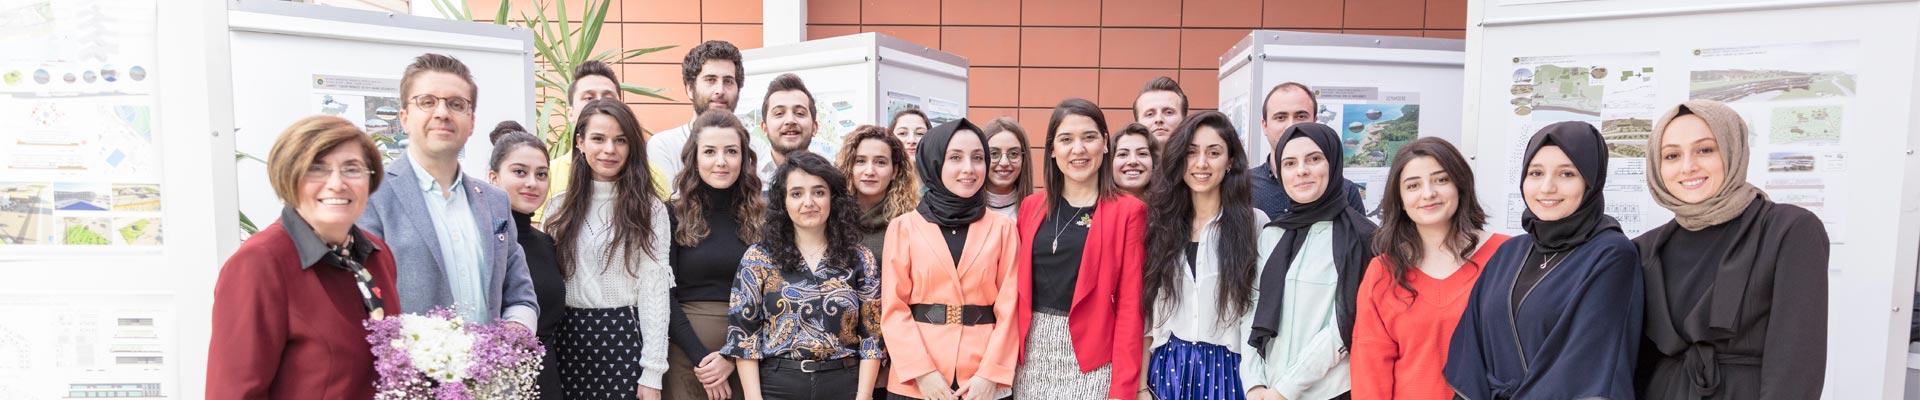 'Şarköy'de Doğadan Kazanılan Mimari Sergisi' Ziyarete Açıldı